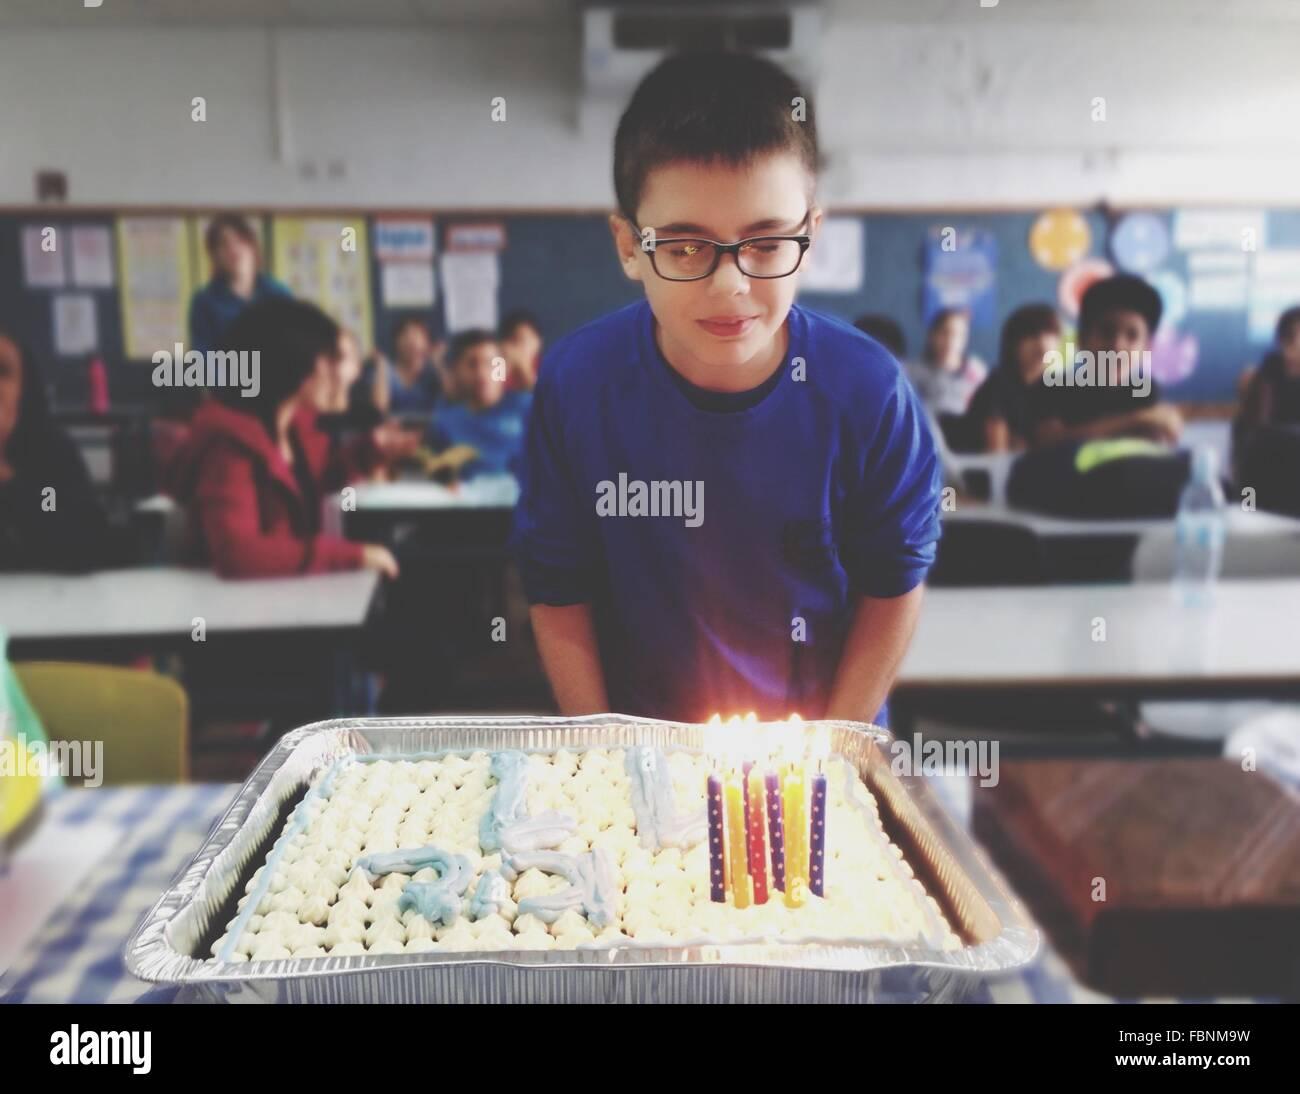 Geburtstagskind vor beleuchteten Kuchen im Klassenzimmer Stockfoto